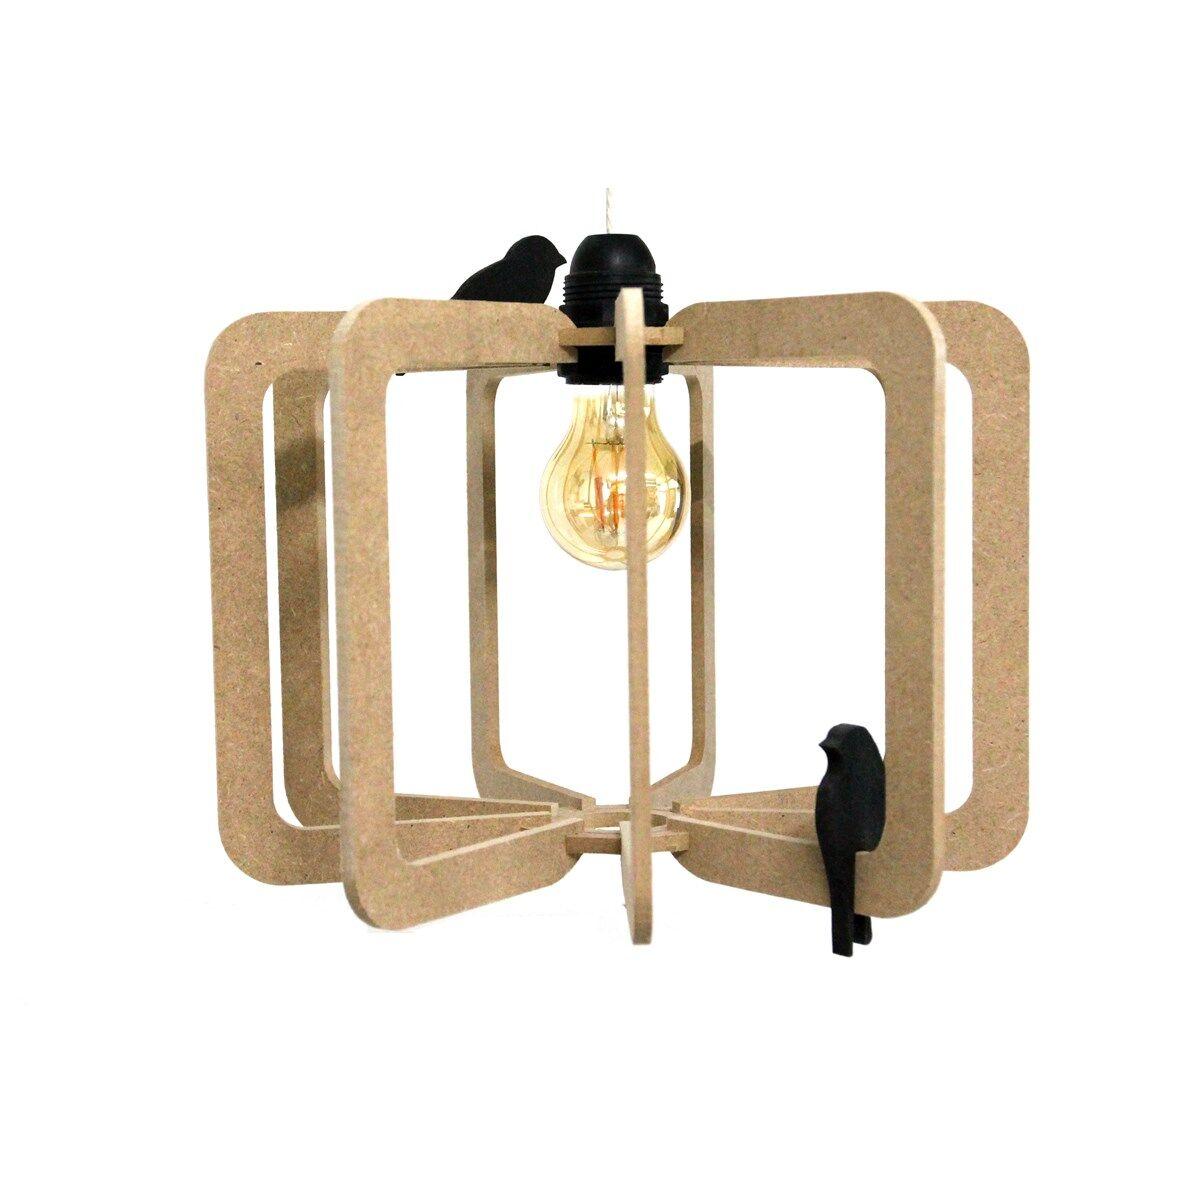 RIF Suspension bois design kit lin beige foncé